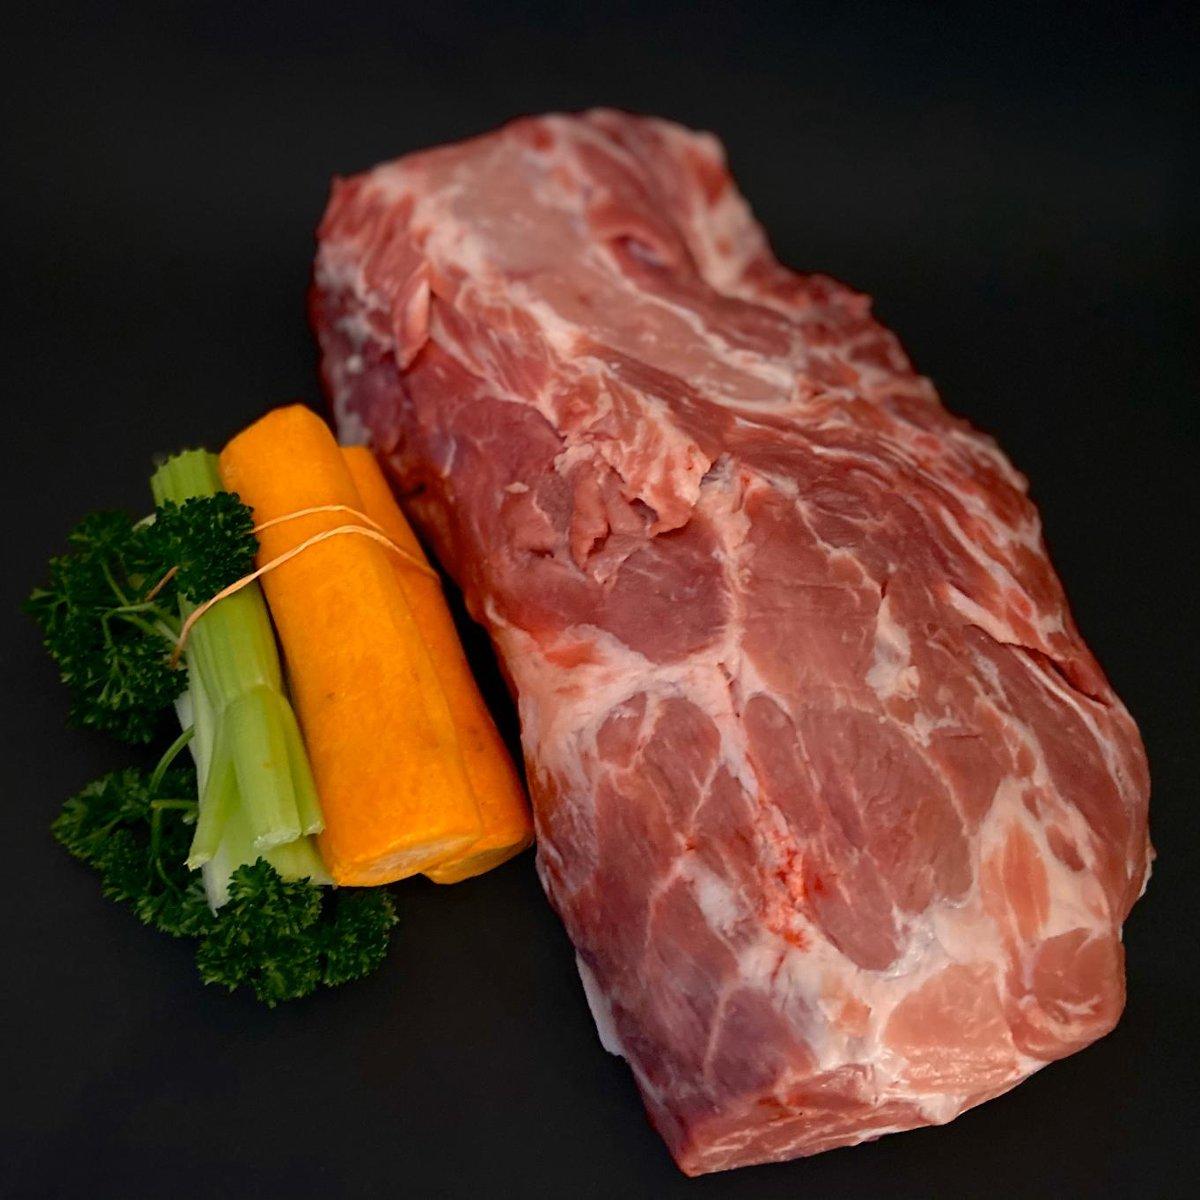 Hällischer Schweinehals am Stück